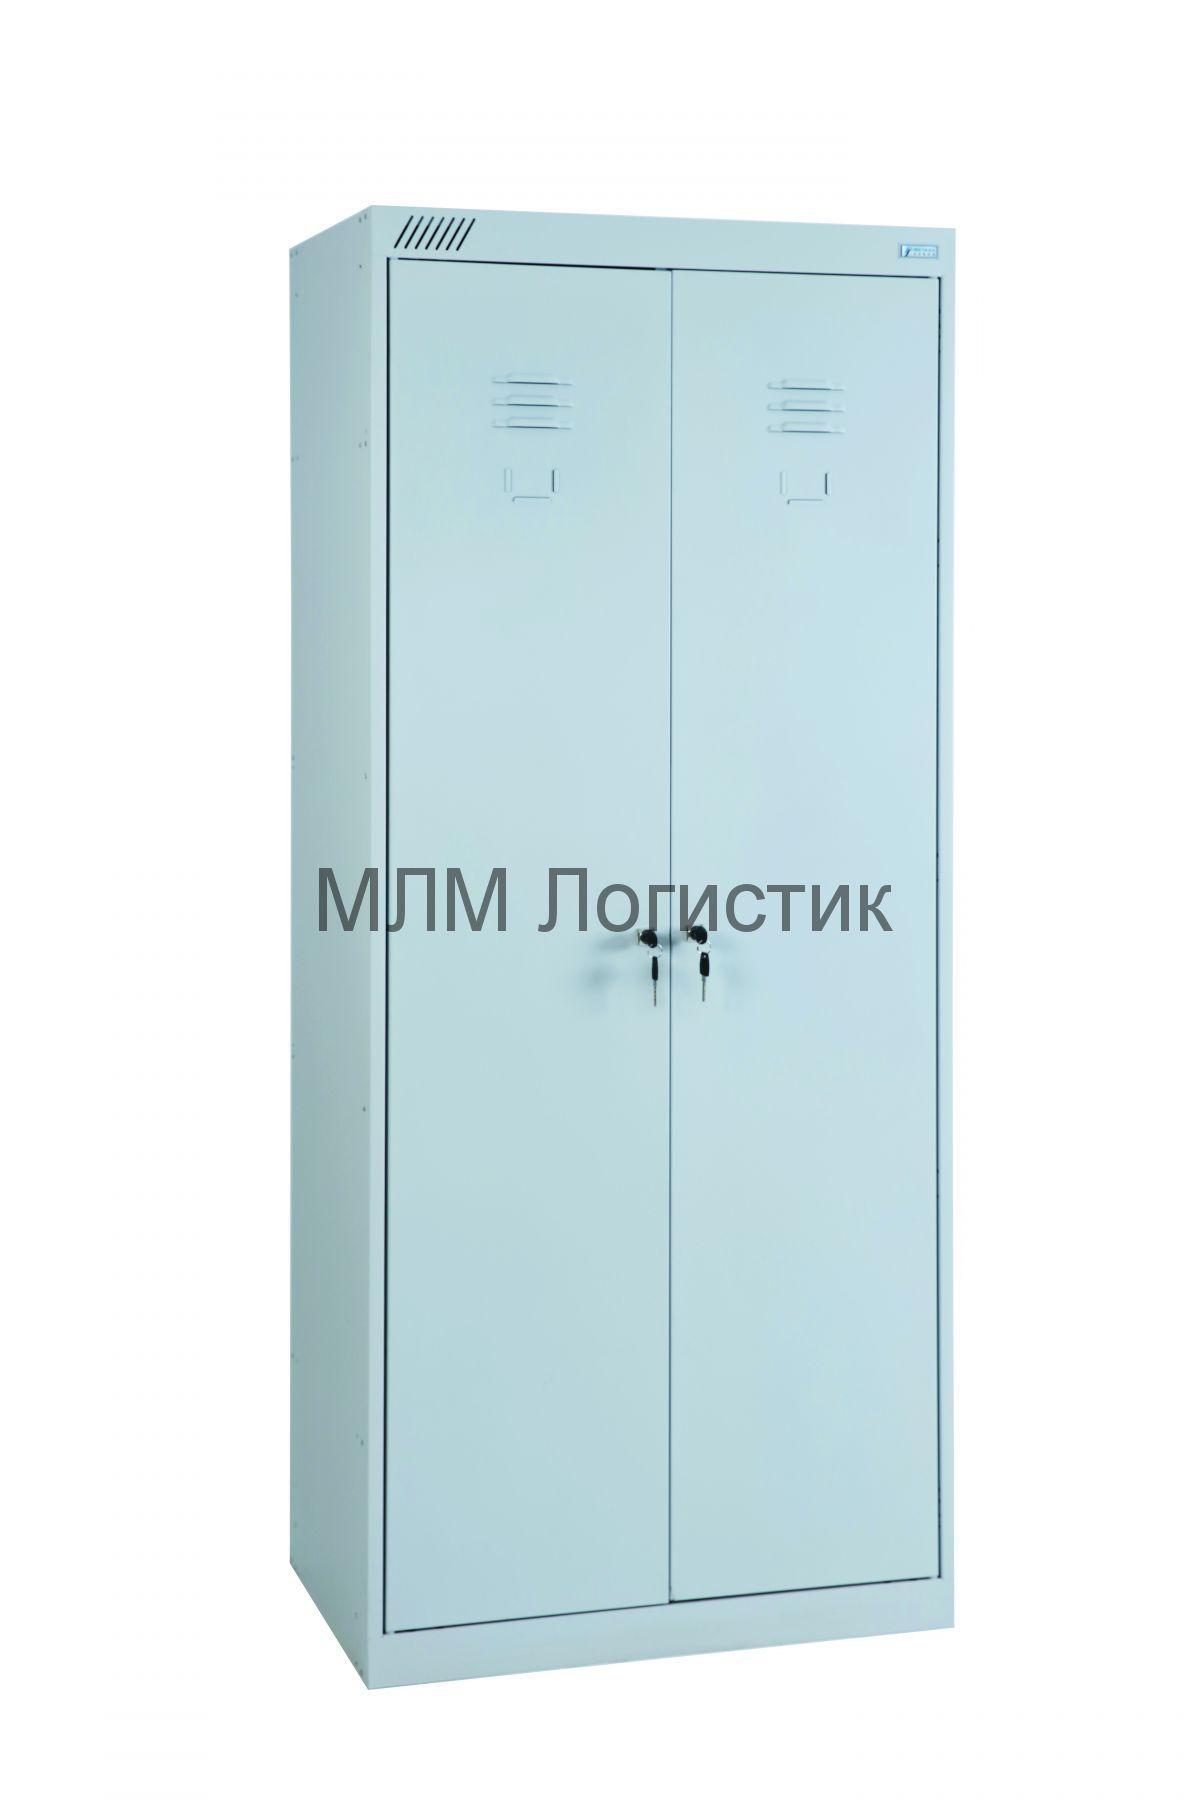 Металлические шкафы для одежды серии ШМУ